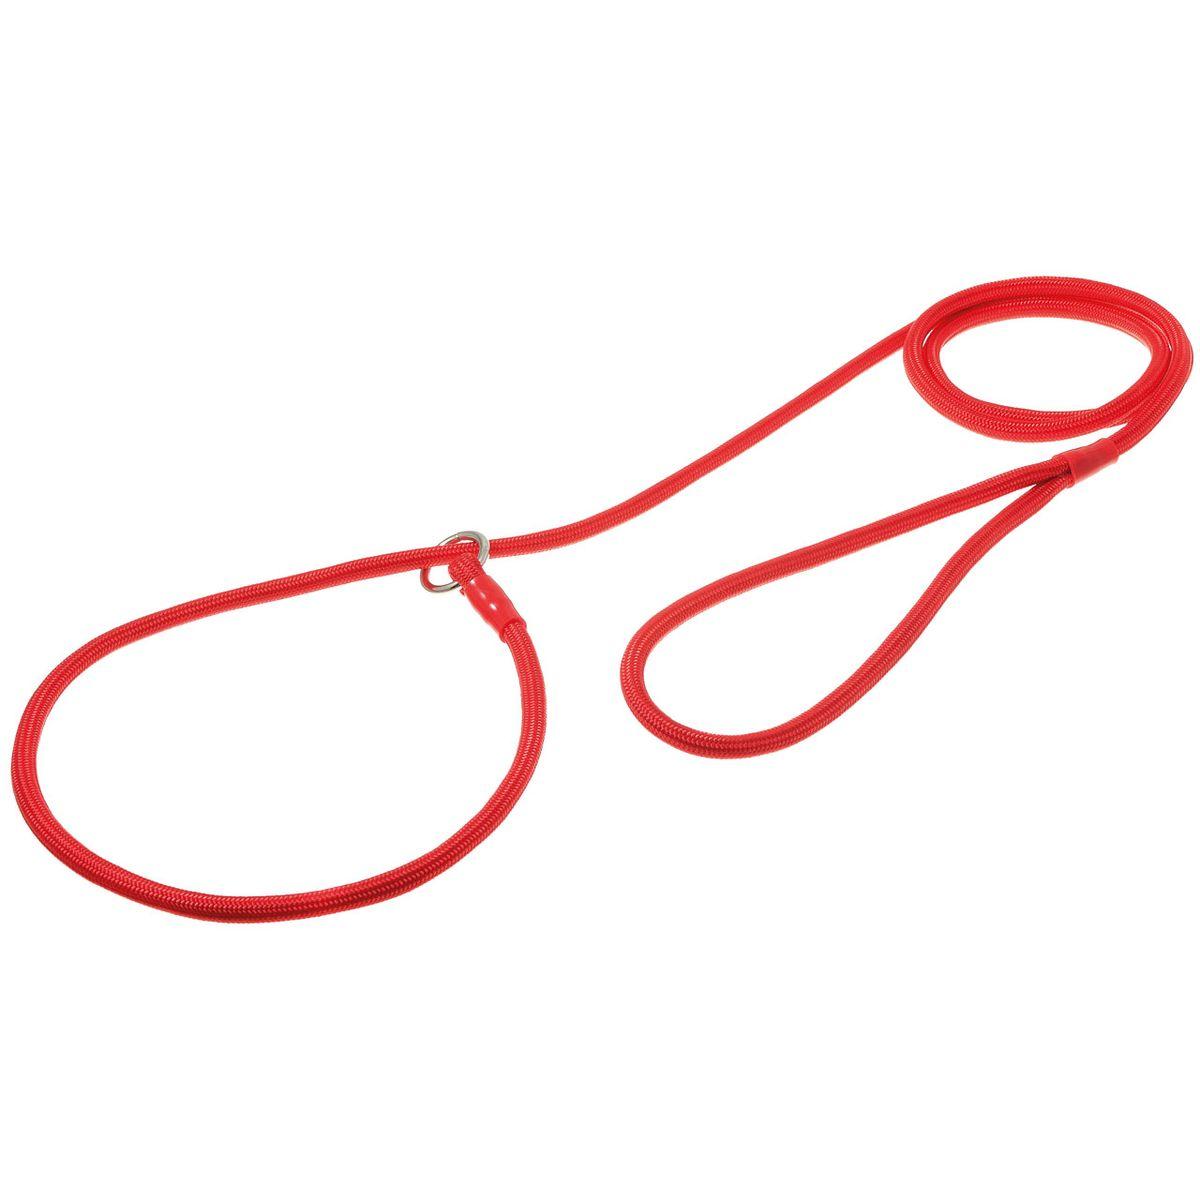 Поводок-удавка с кольцом круглый 6мм*150см (красный)74-2410